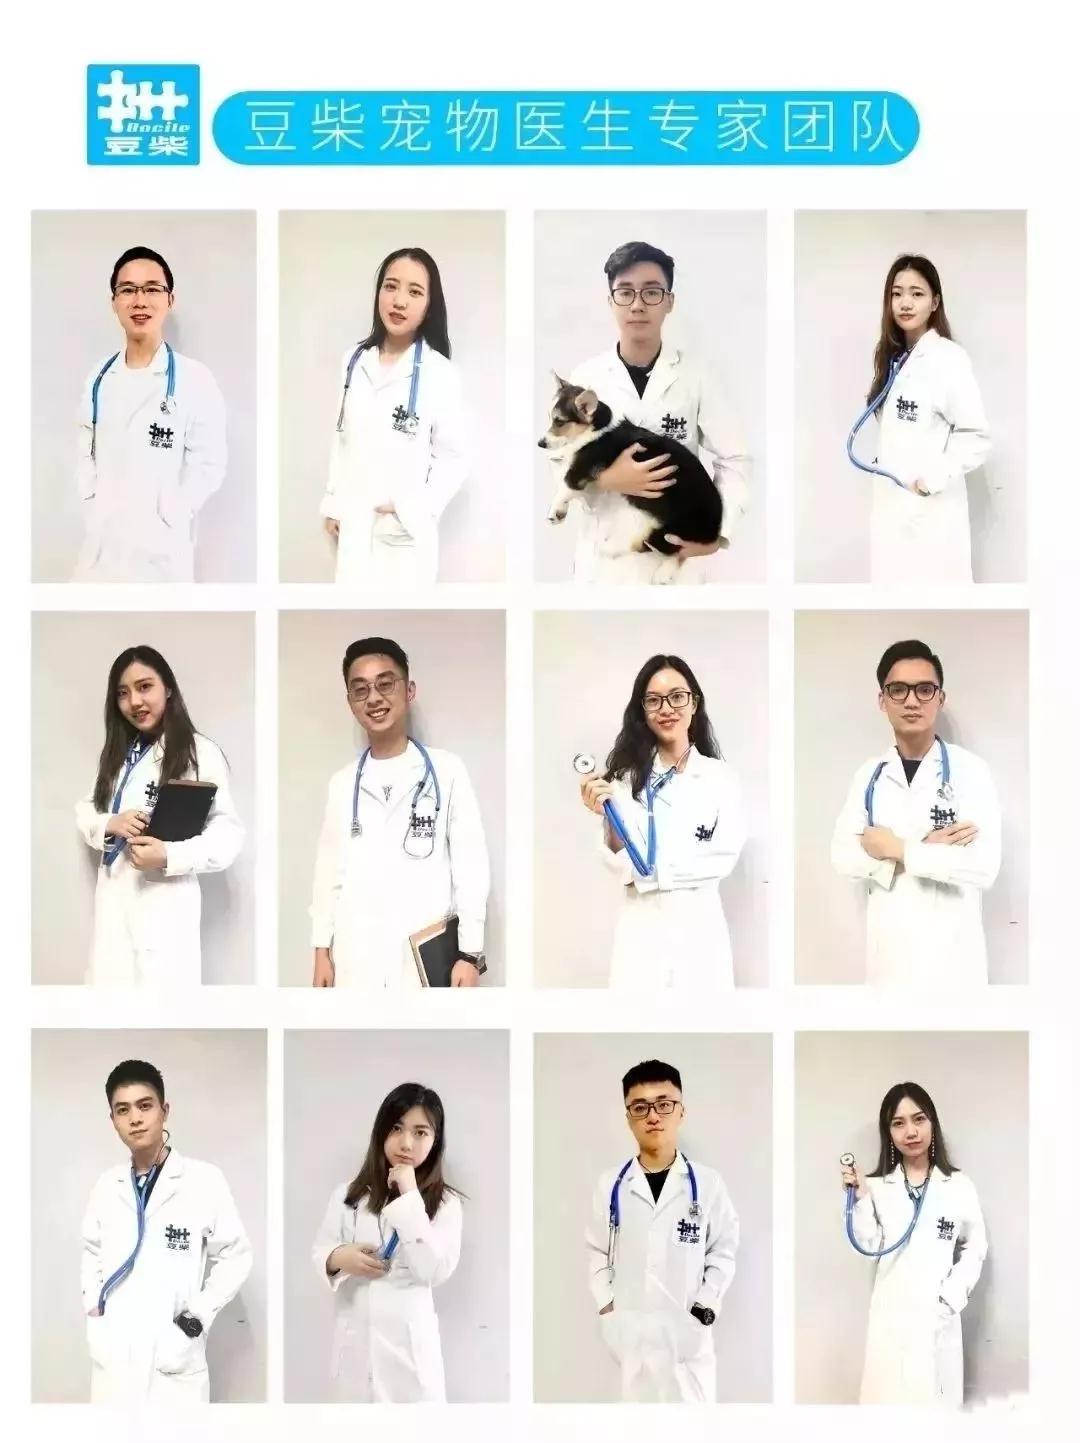 【在线宠物医生咨询】猫咪黑下巴,我们应该这么做